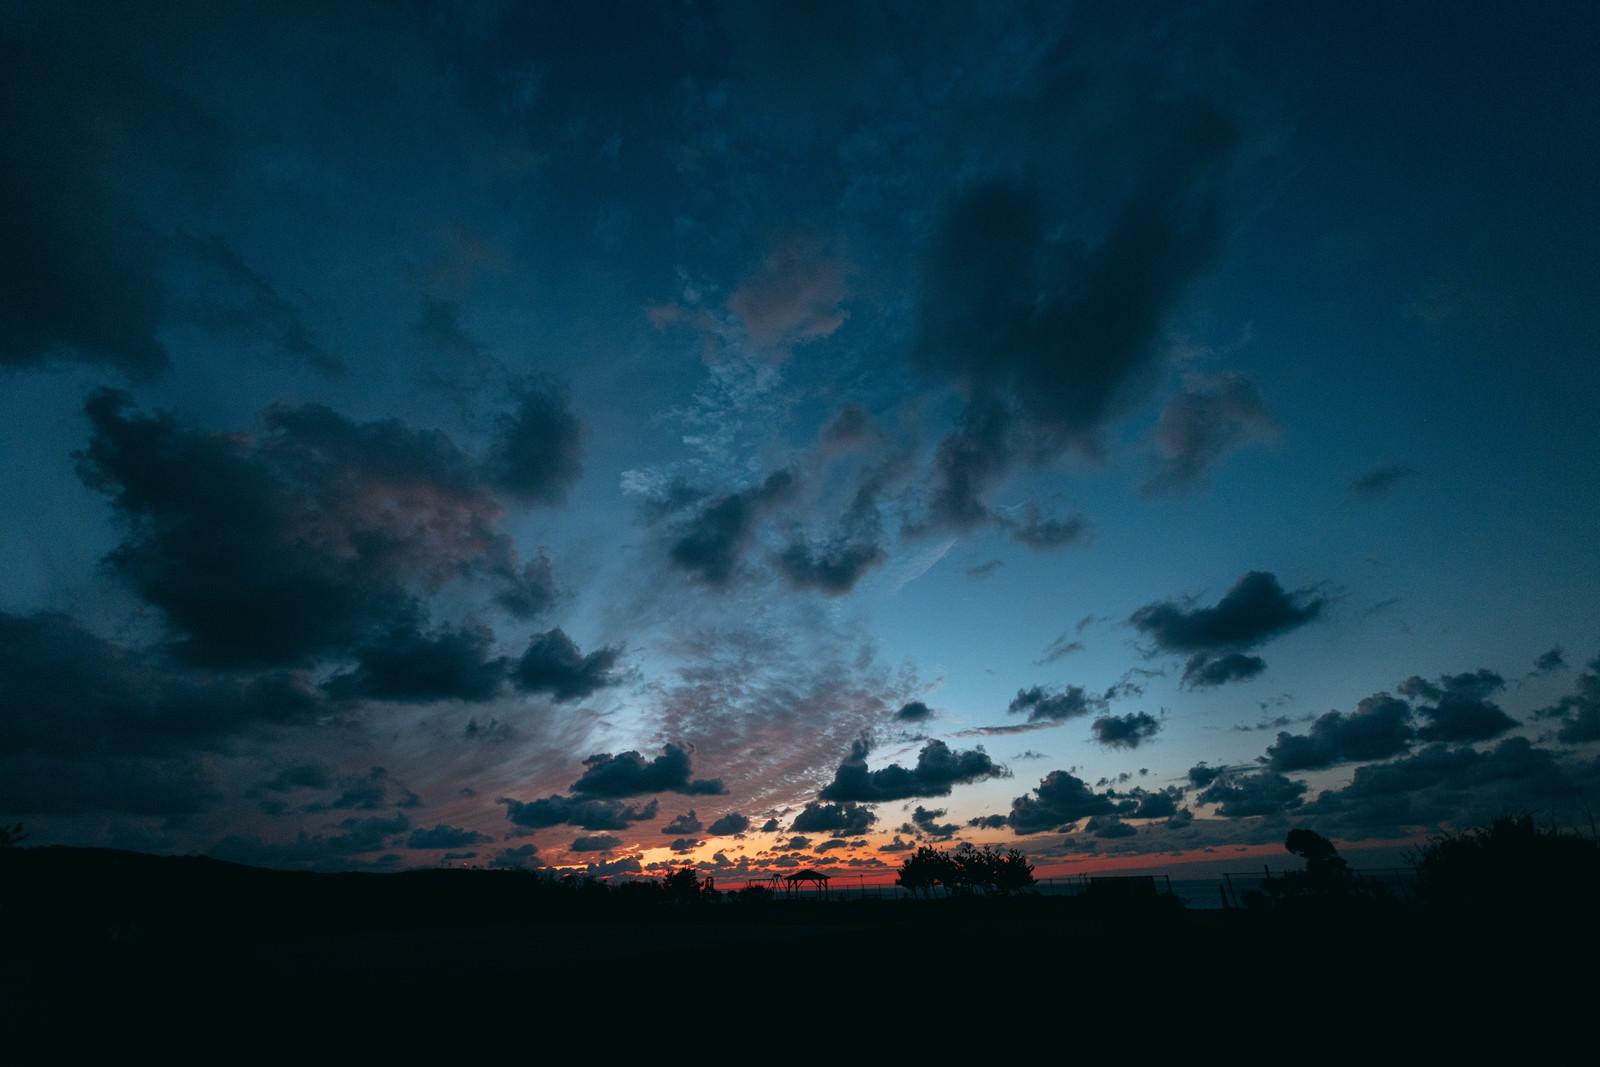 夕焼け空とよたね広場(神津島)のフリー素材